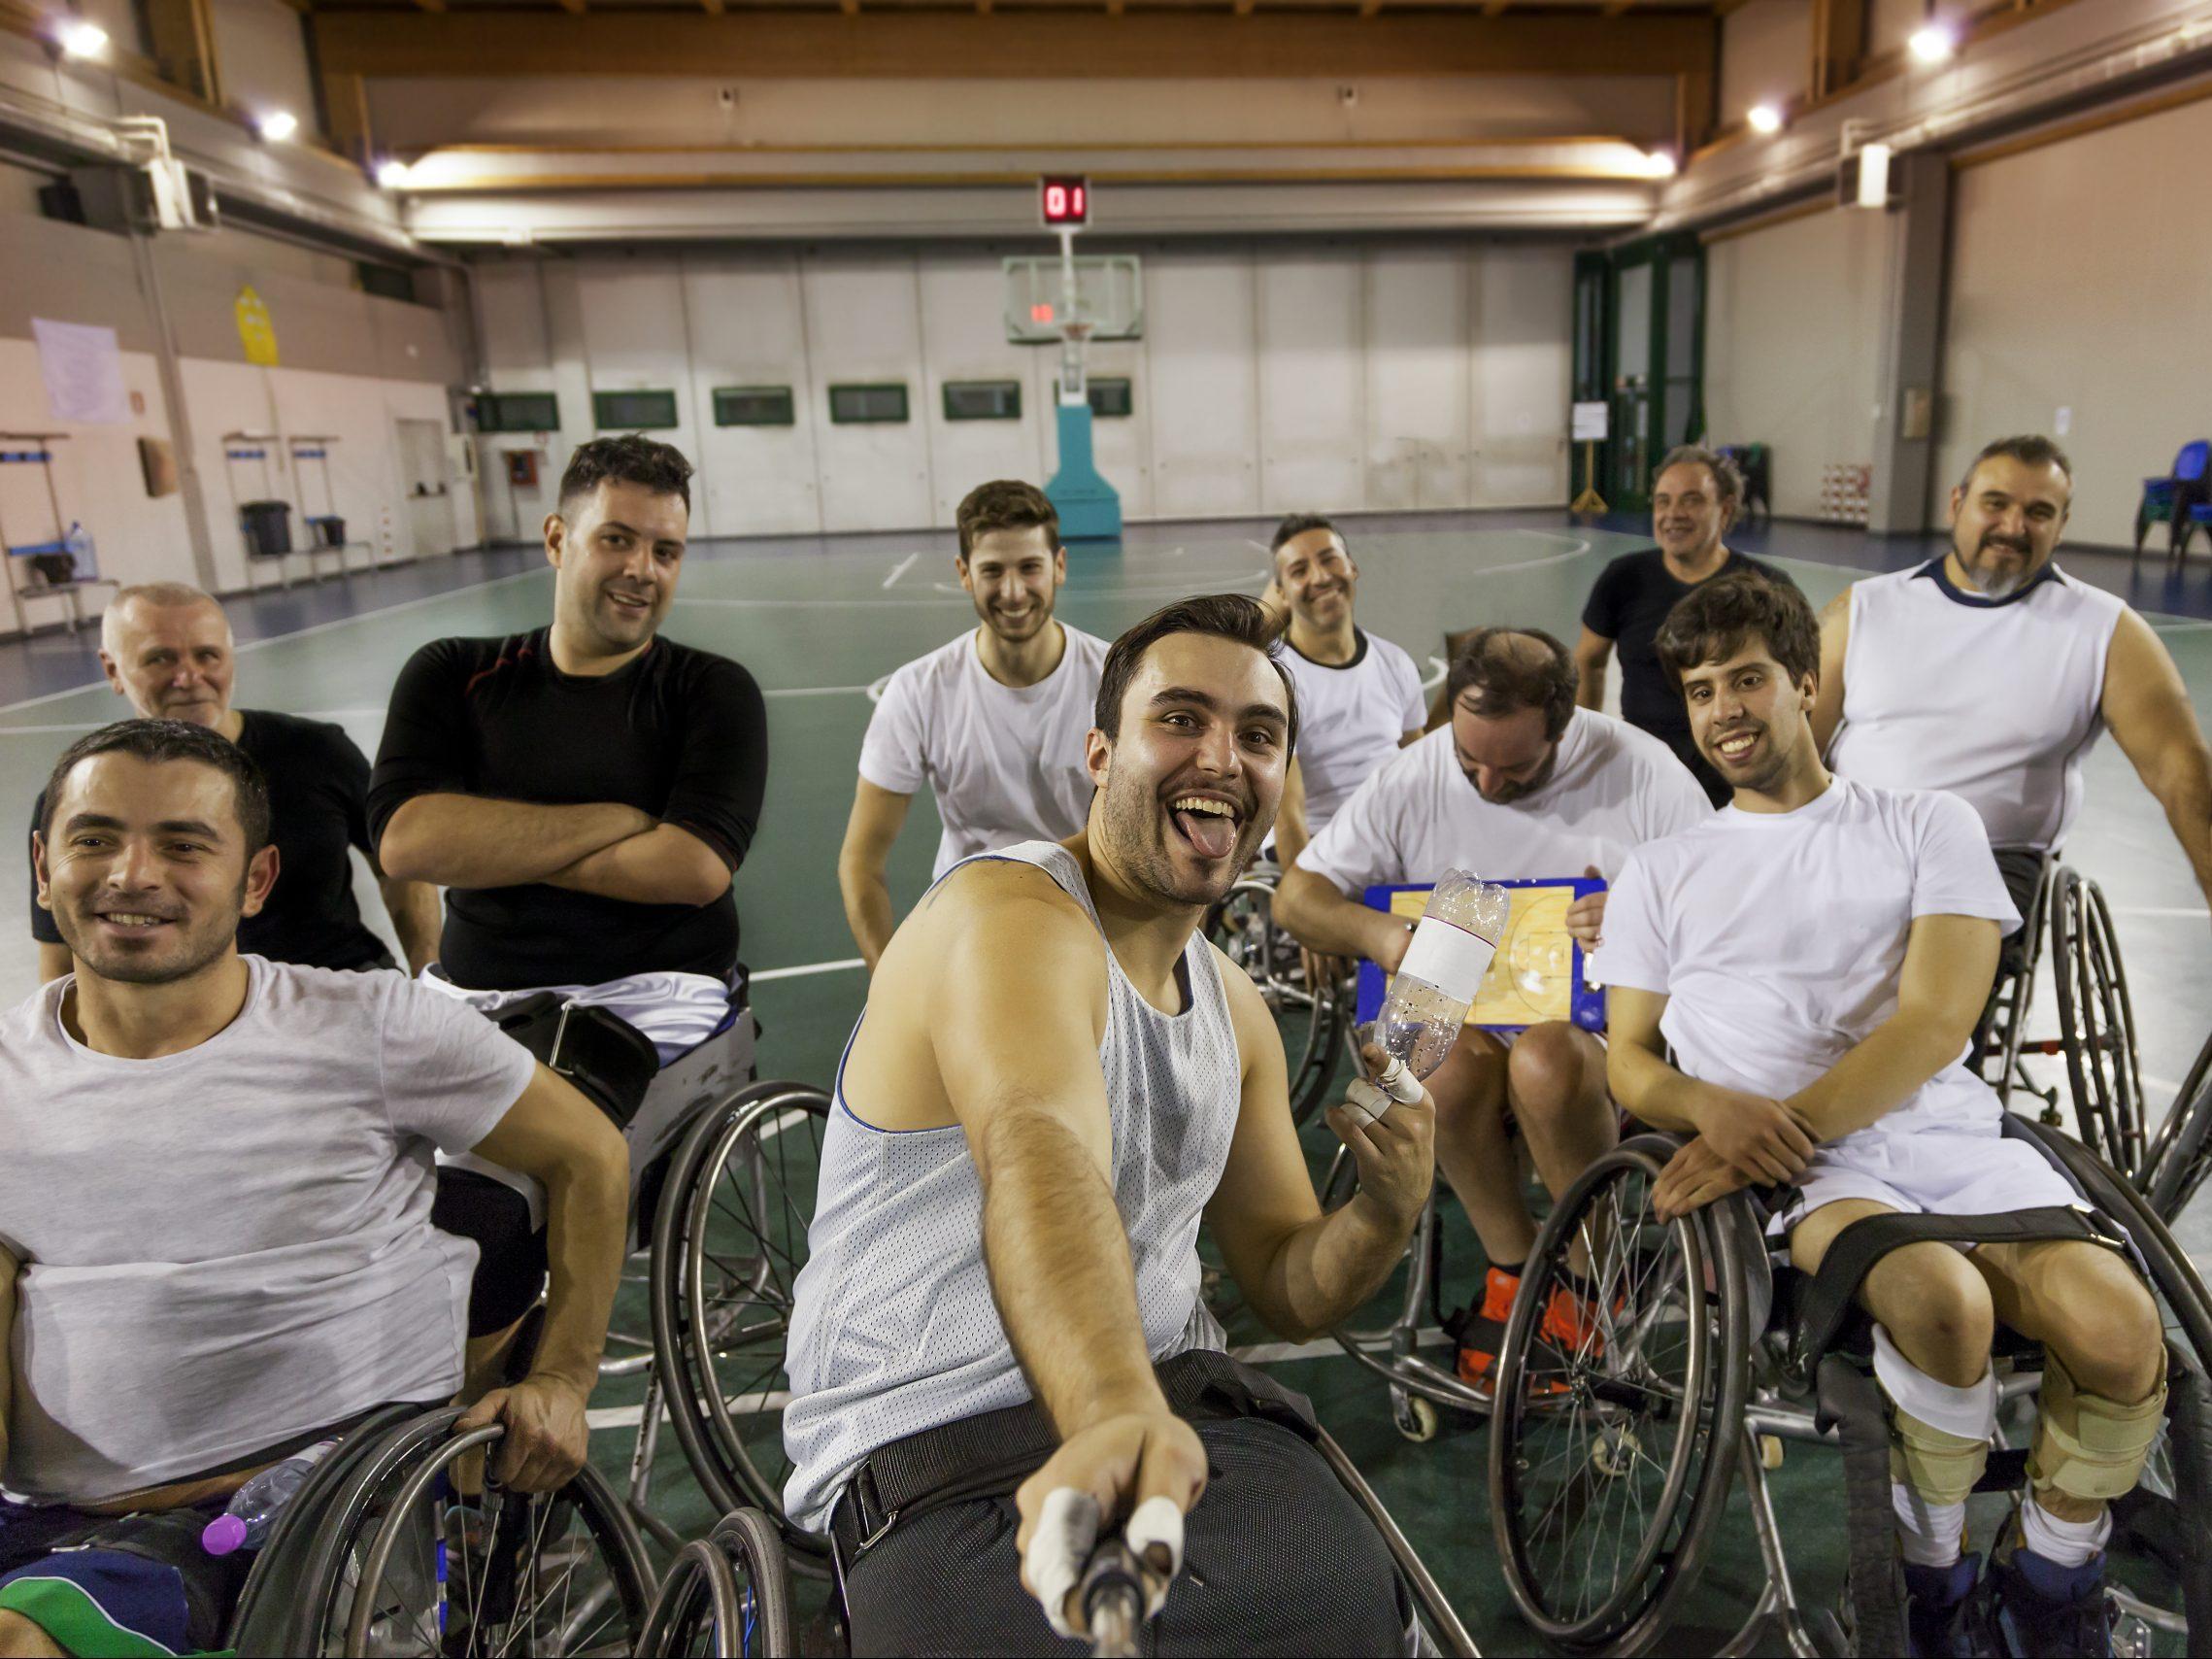 Wheelchair sports team selfie